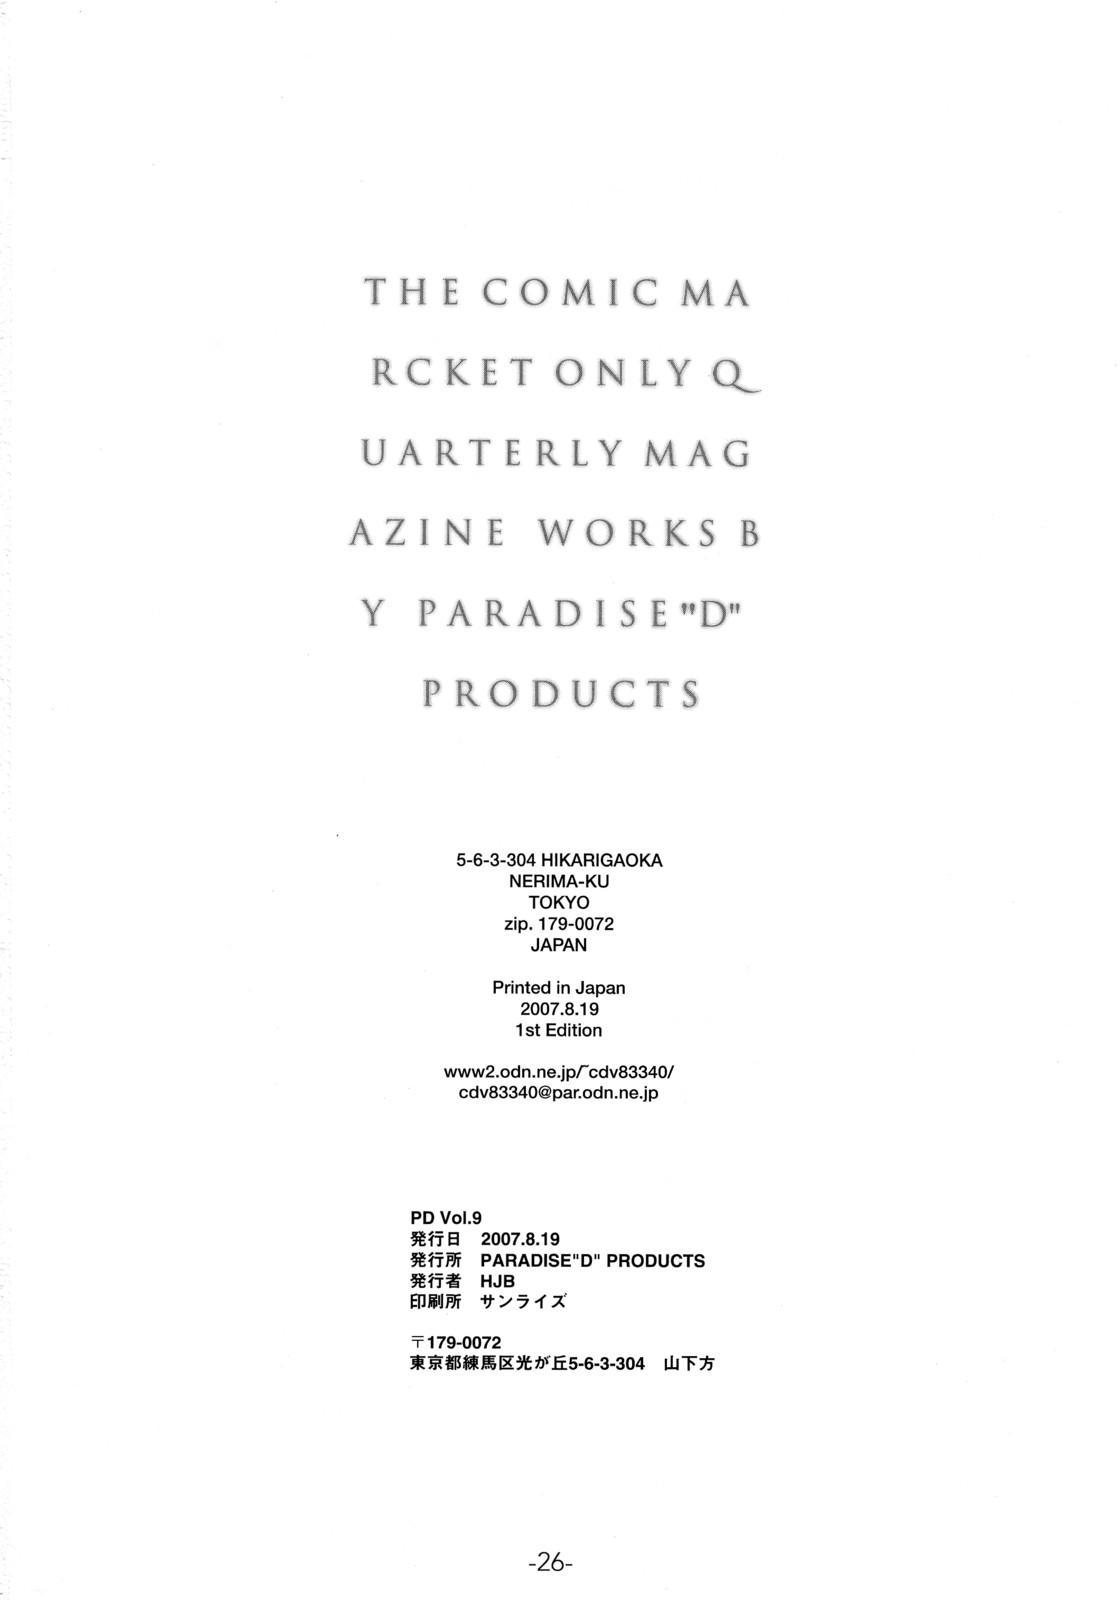 PD Vol.9 16